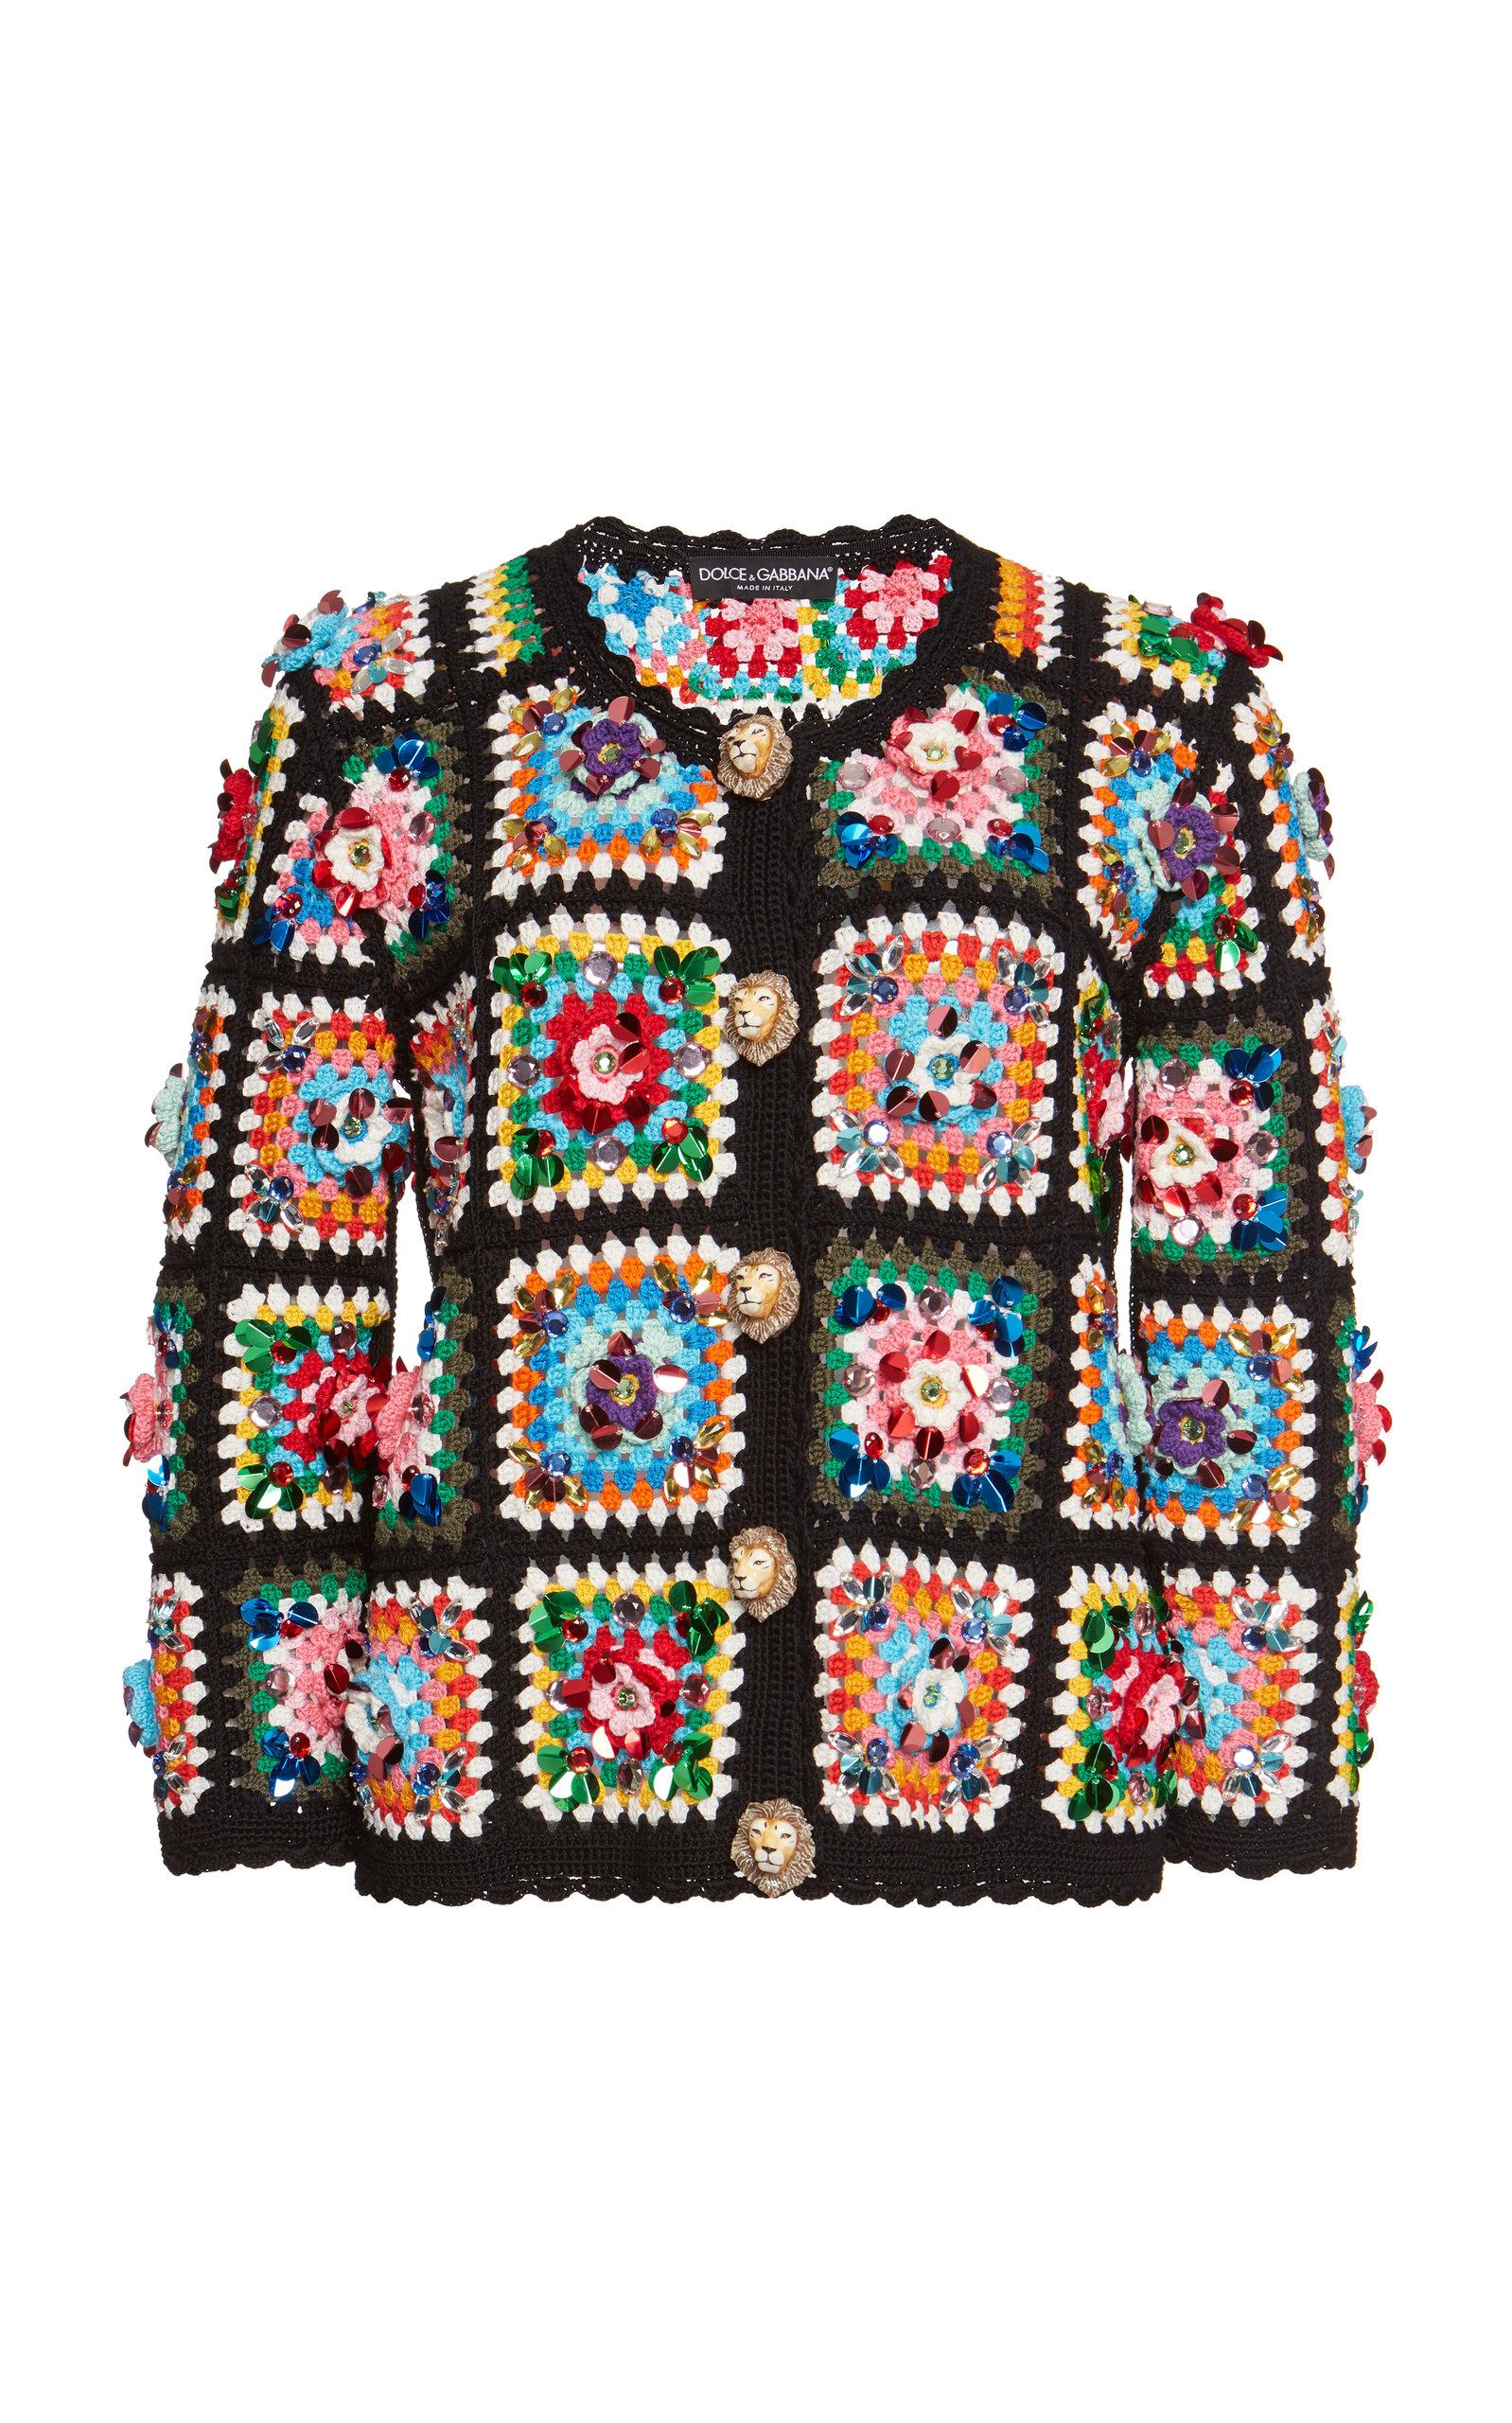 4101add4 Hand-Woven Knit Jacket by Dolce & Gabbana | Moda Operandi